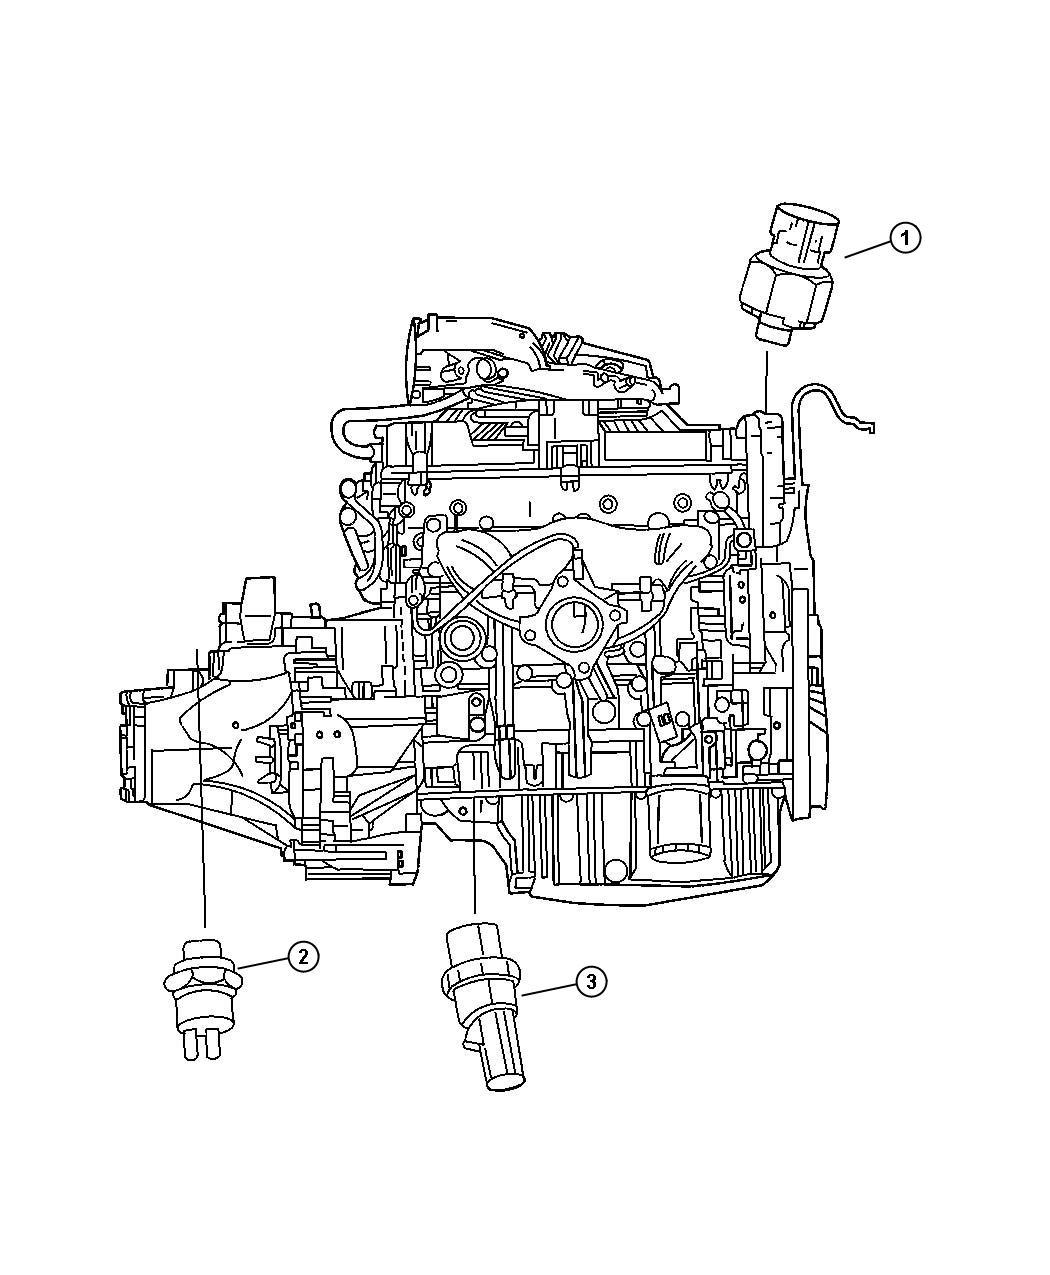 2006 Pt Cruiser Turbo Engine Diagram